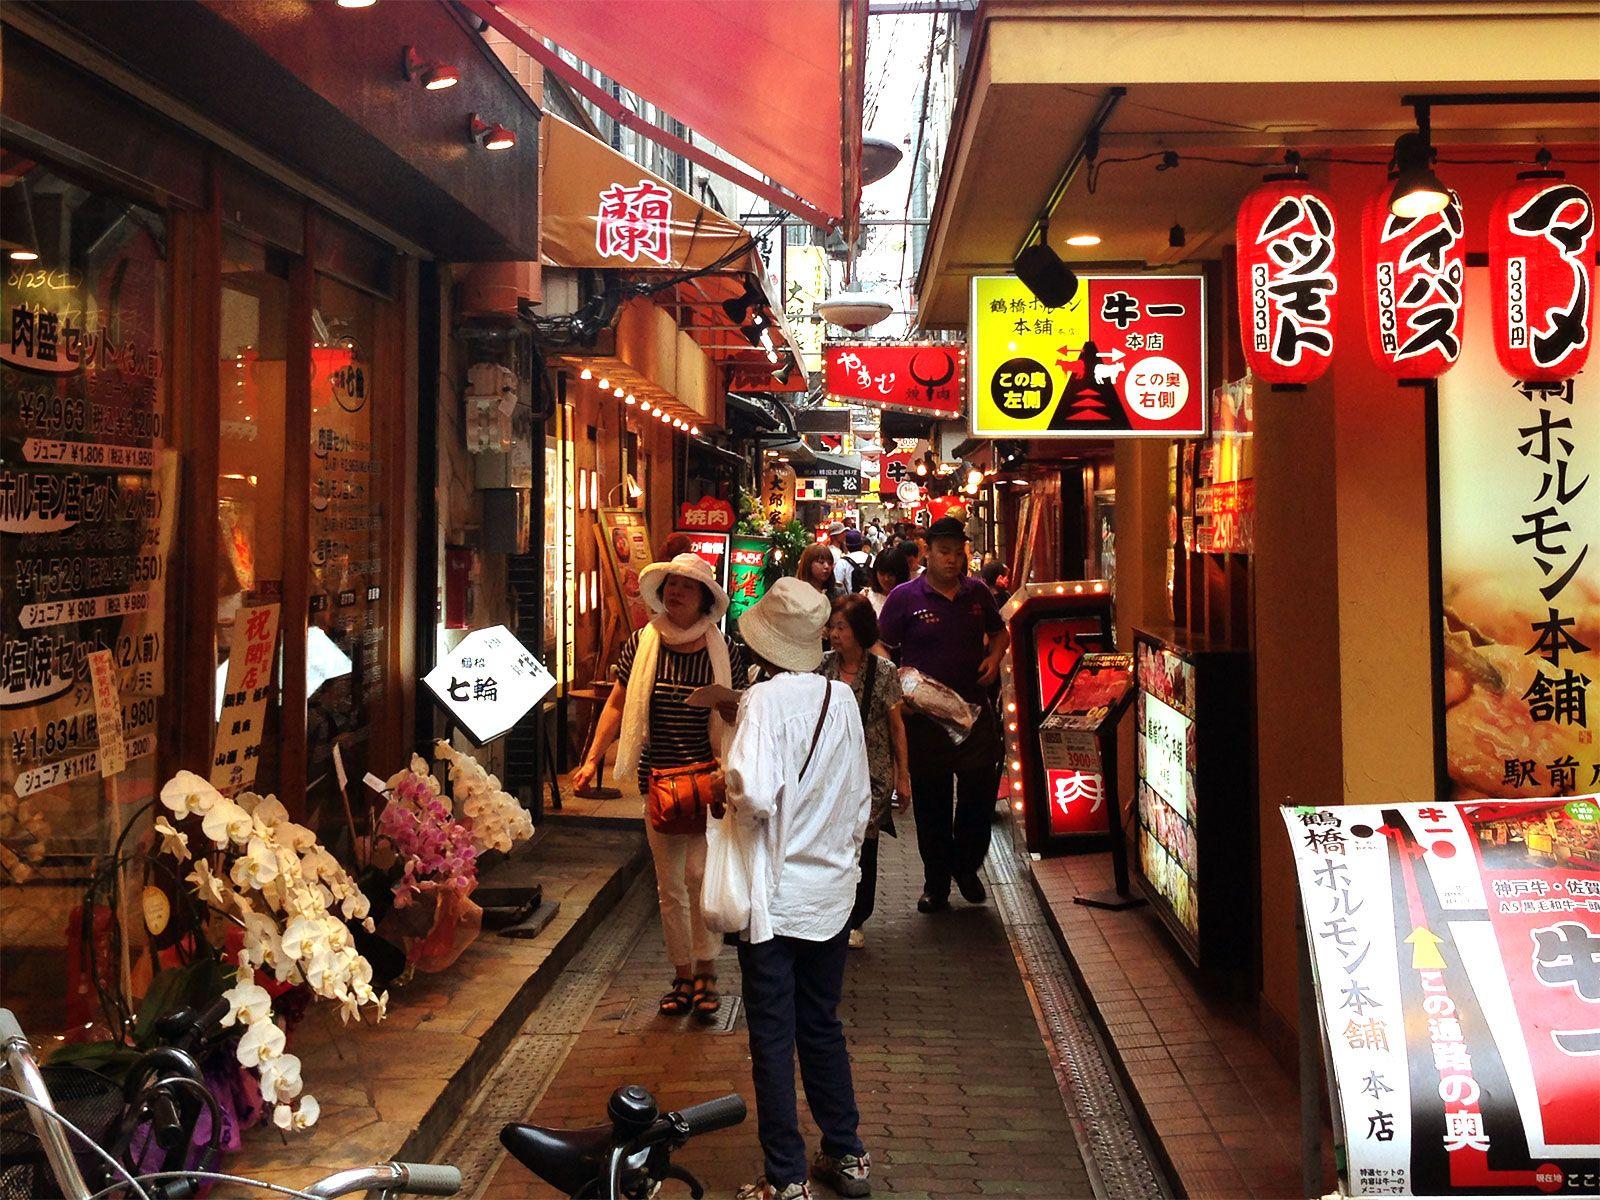 鶴橋 大阪 tsuruhashi korean town in osaka 下町風景 pinterest